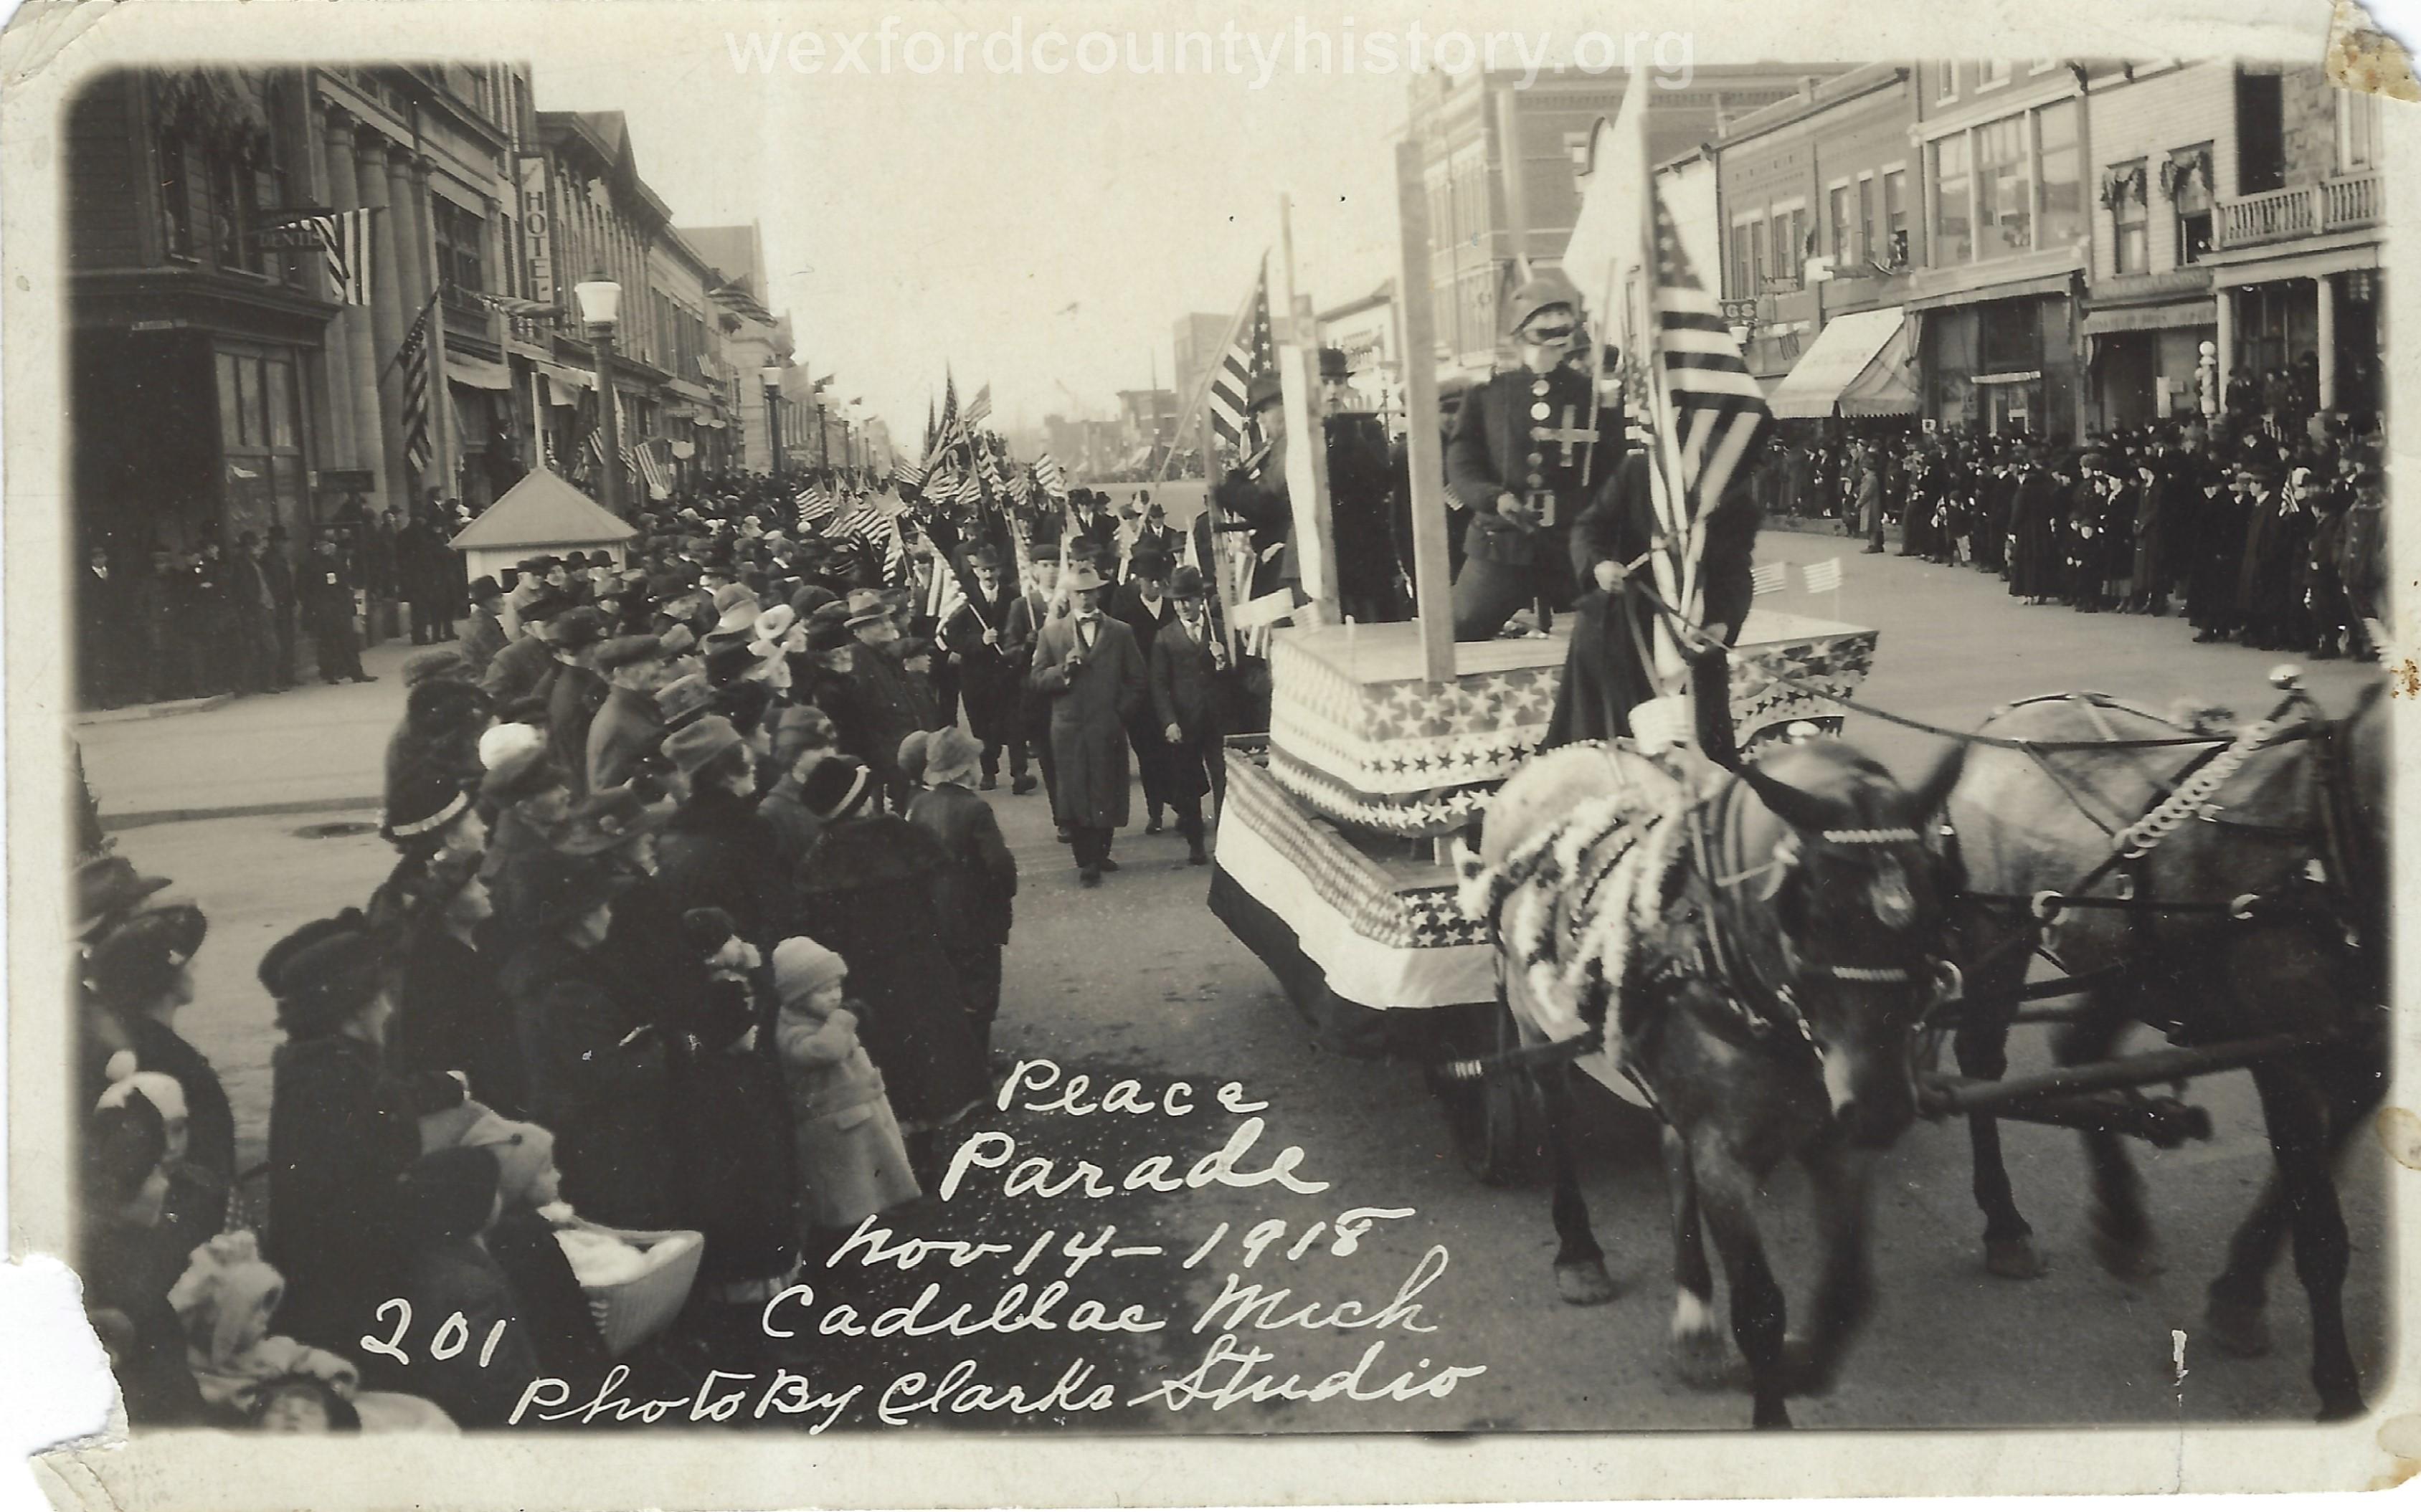 Cadillac-Parade-1918.11.14-Peace-Parade